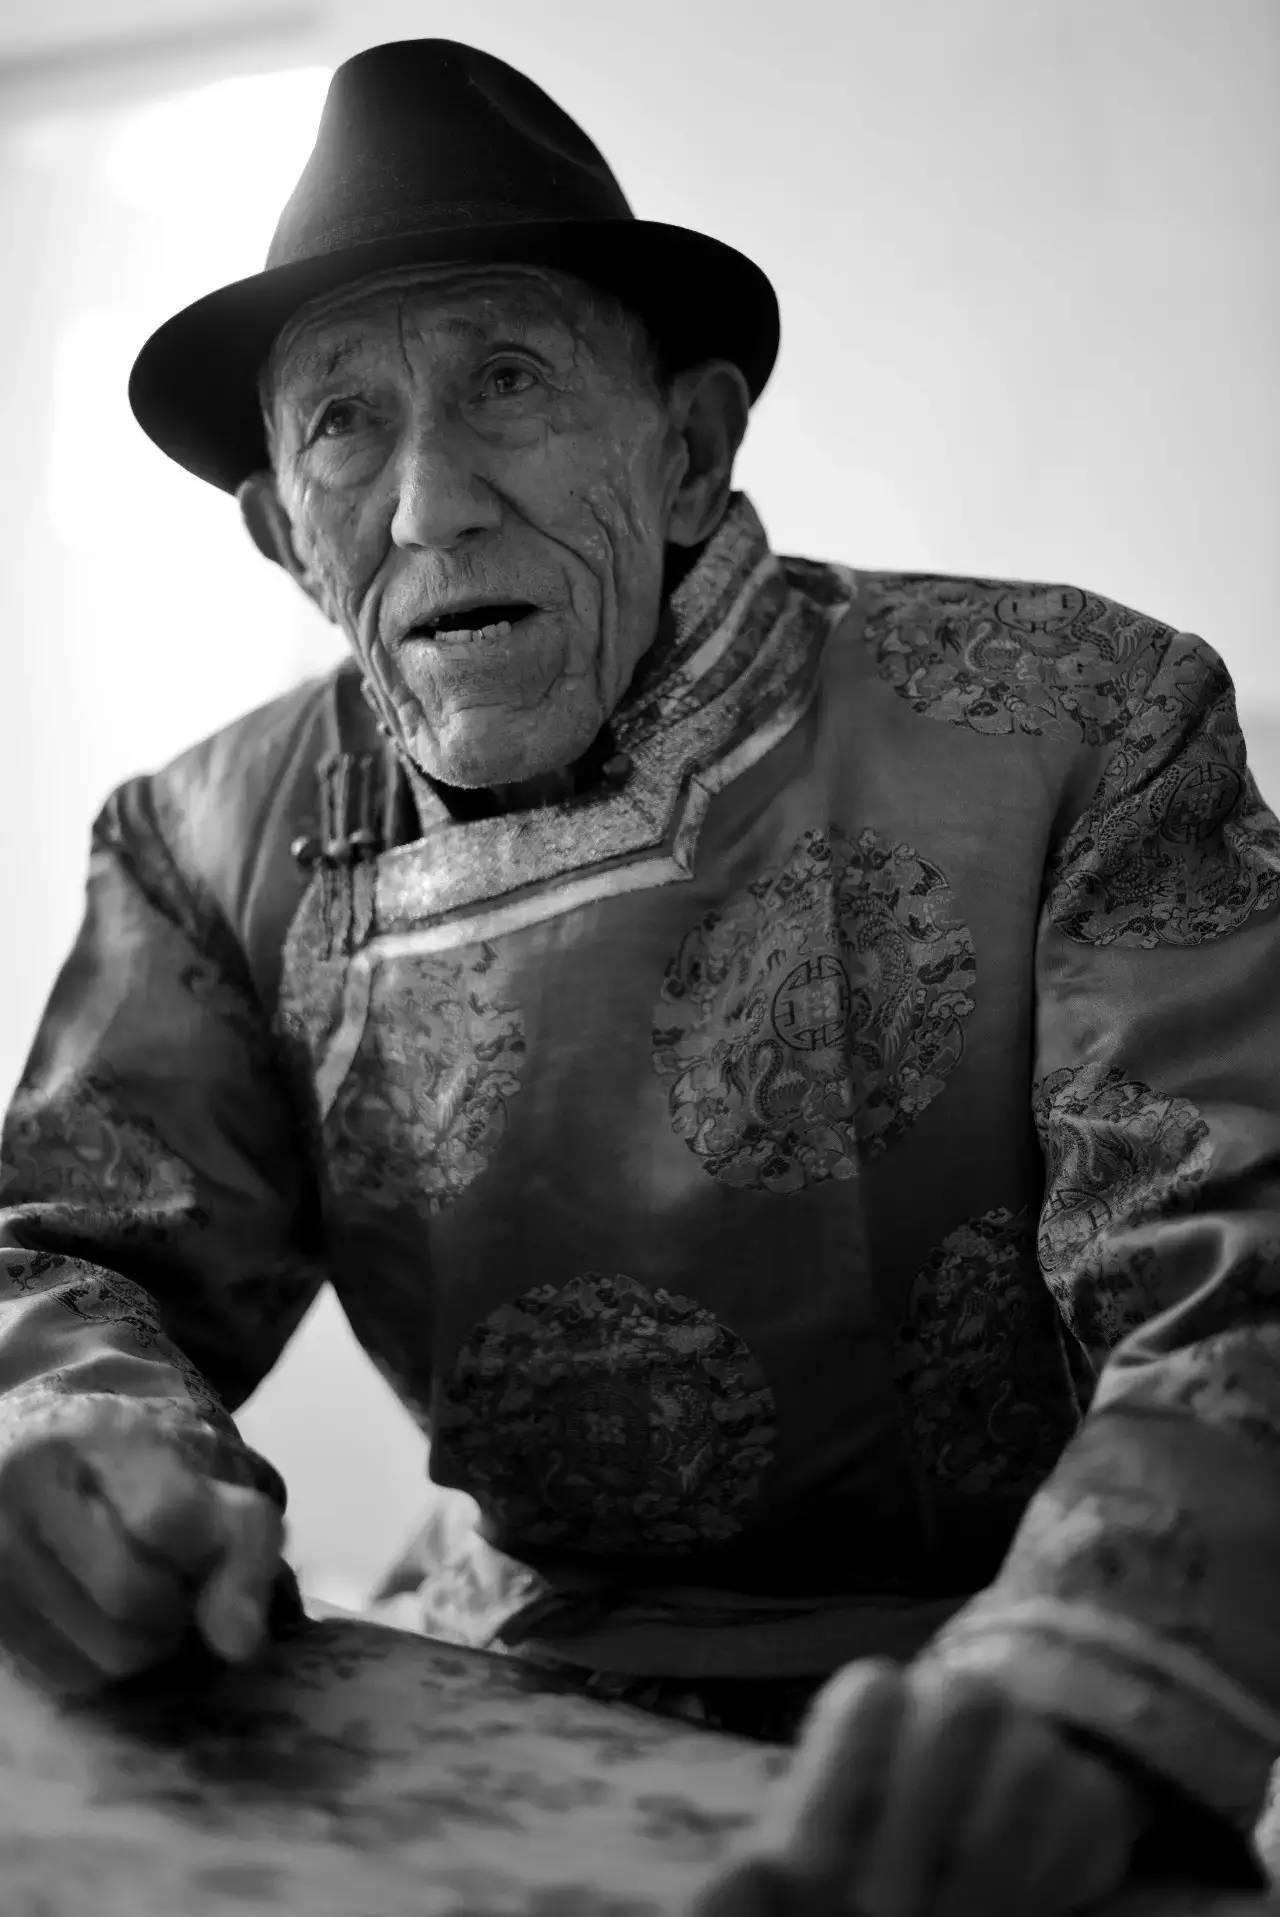 【ANU美图】摄影师吉雅:传统蒙古族牧民黑白纪实作品欣赏 第6张 【ANU美图】摄影师吉雅:传统蒙古族牧民黑白纪实作品欣赏 蒙古文化